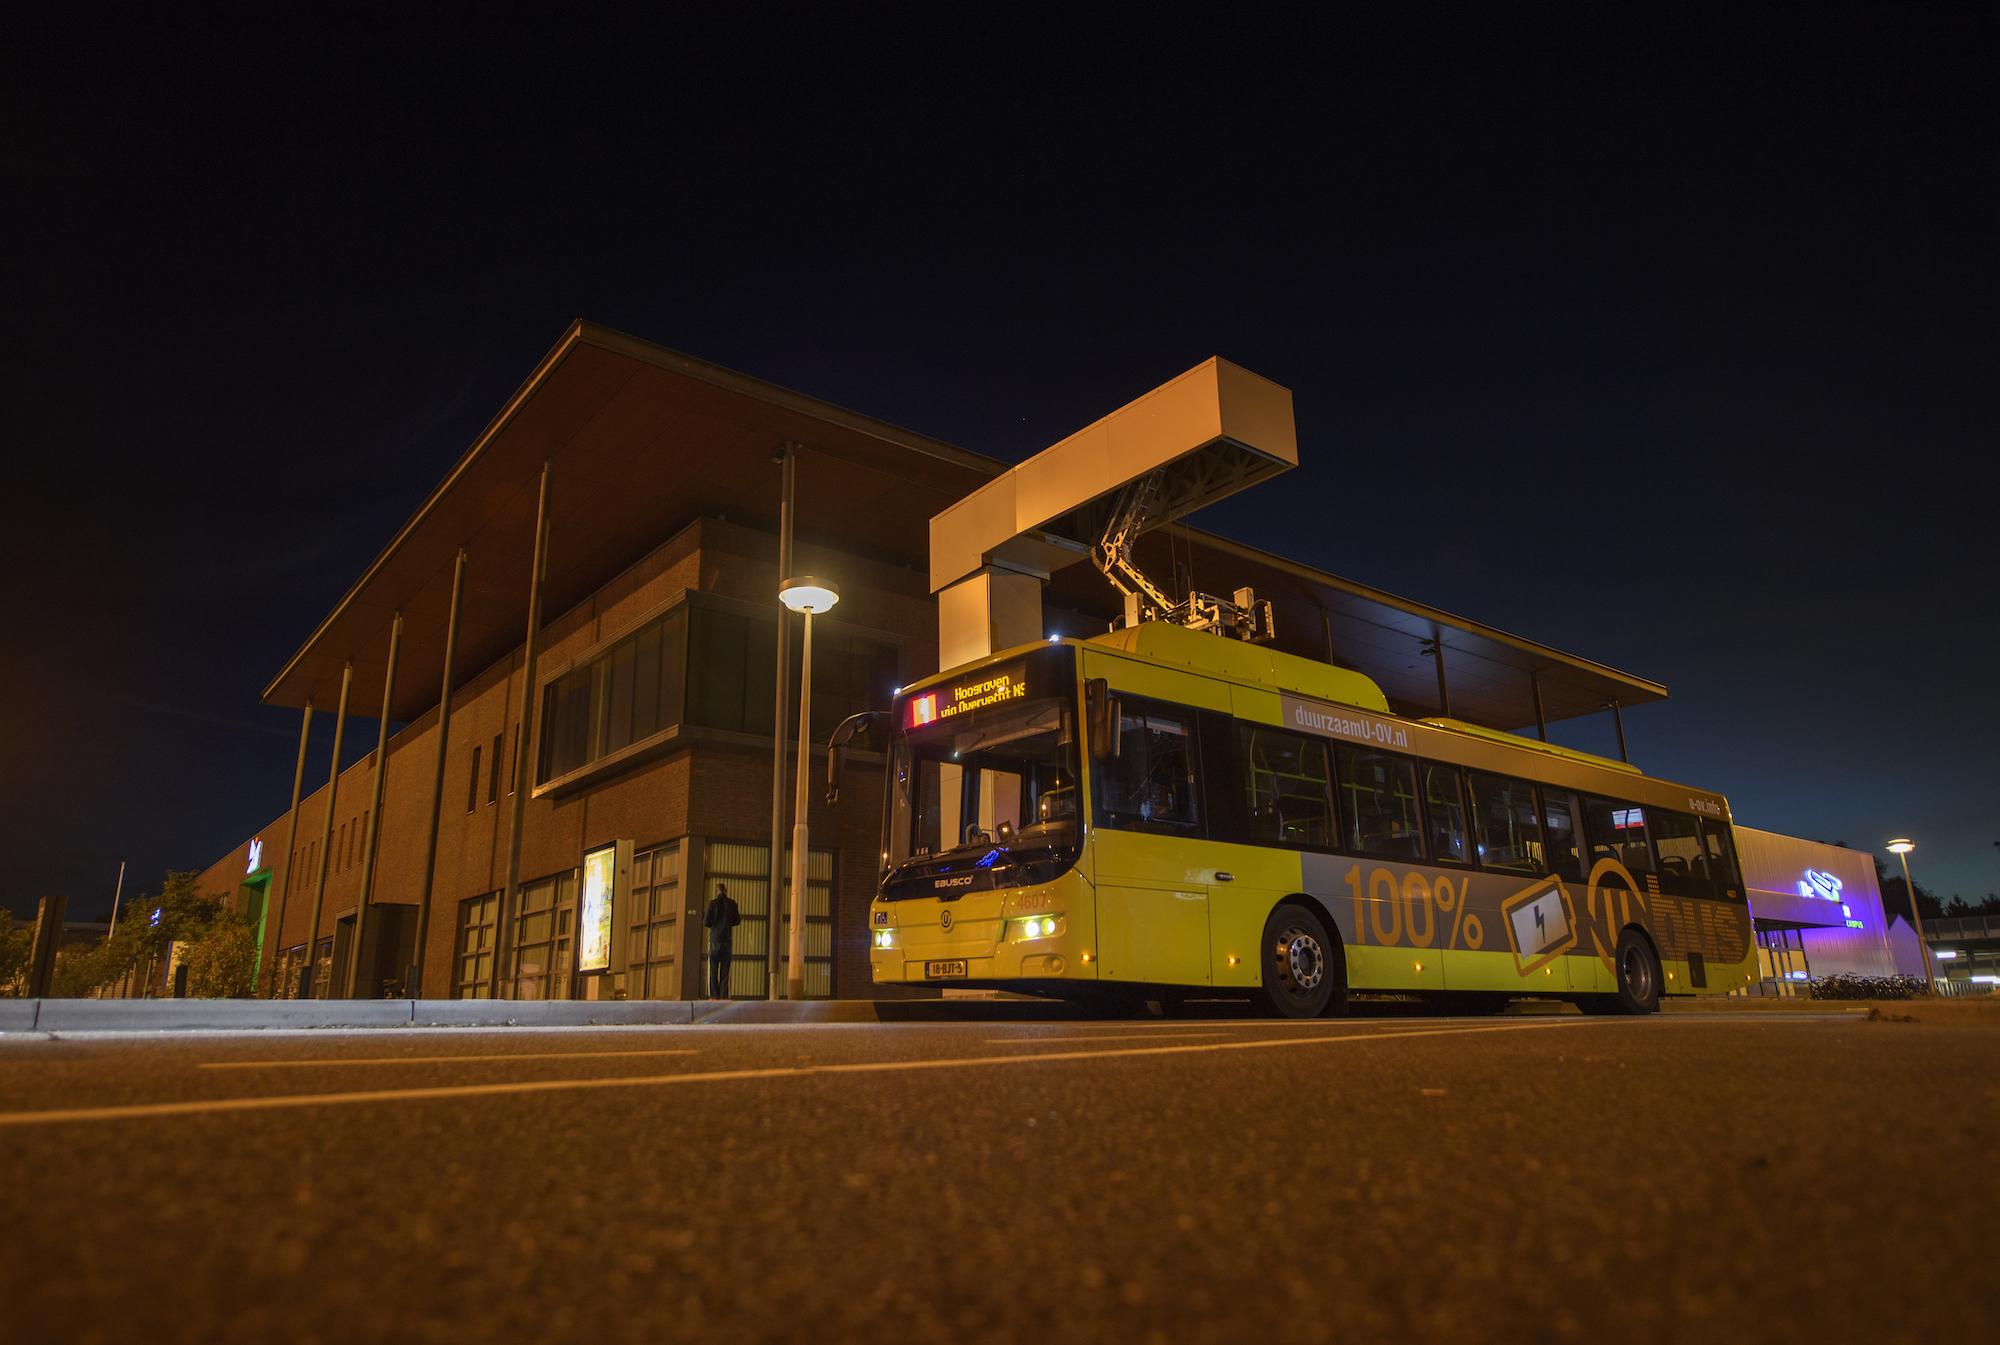 Bus opladen Utrecht U-OV Joulz